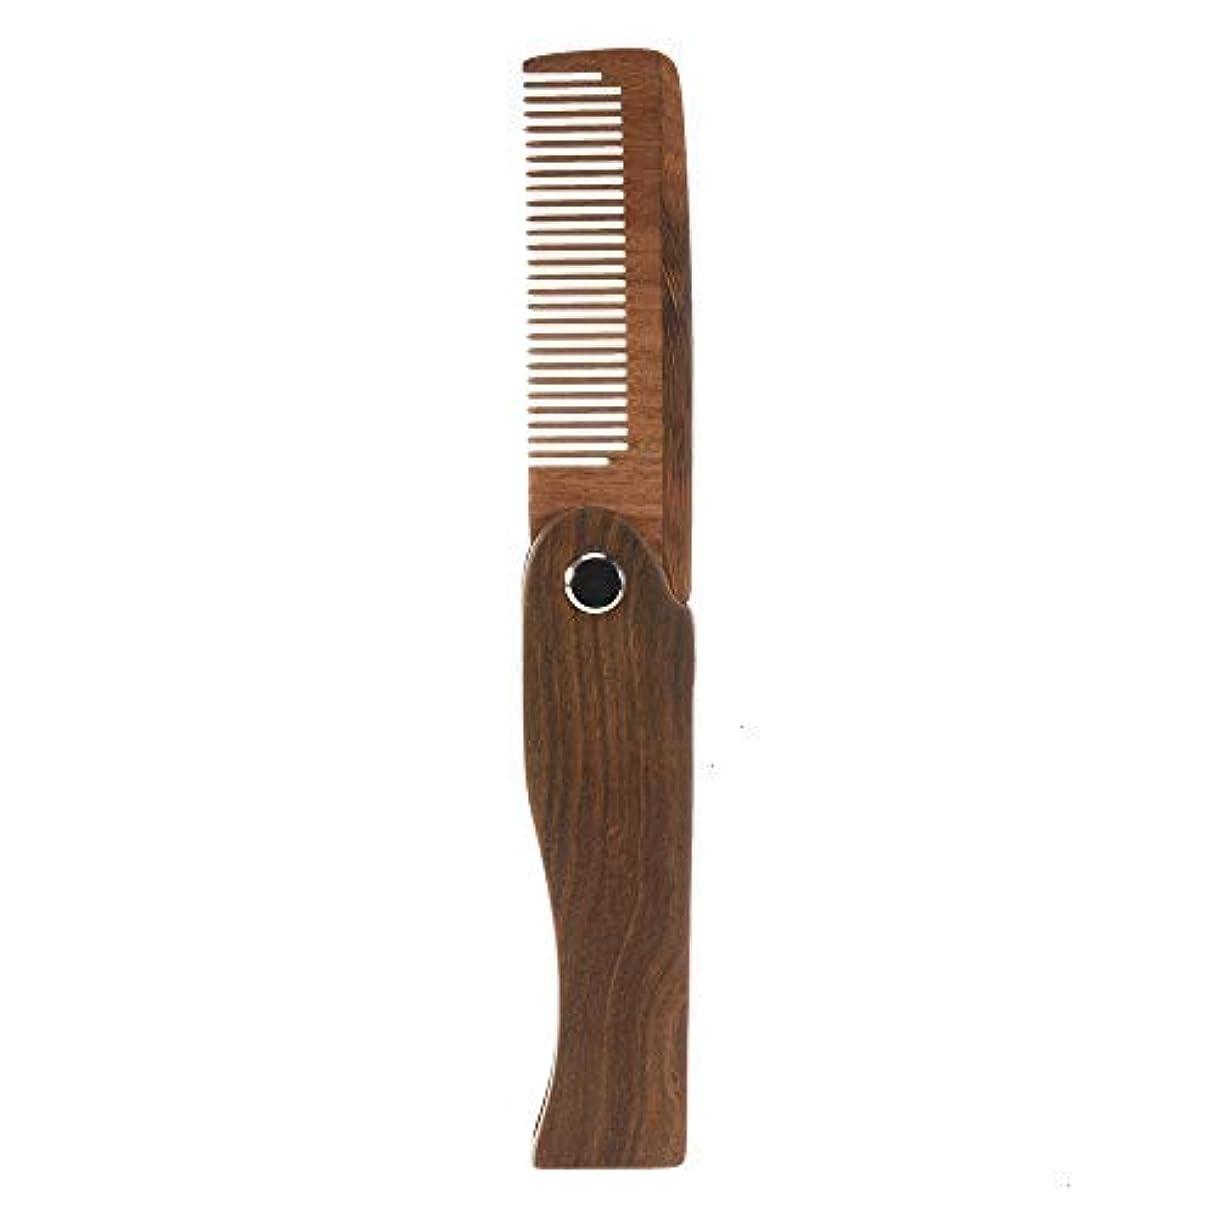 チャンス恐ろしいです寛容Feeko Folding Wooden Comb, 1 PC Pocket Size Hair Beard Fold Wooden Comb Durable Anti-Static Sandalwood Comb Every...